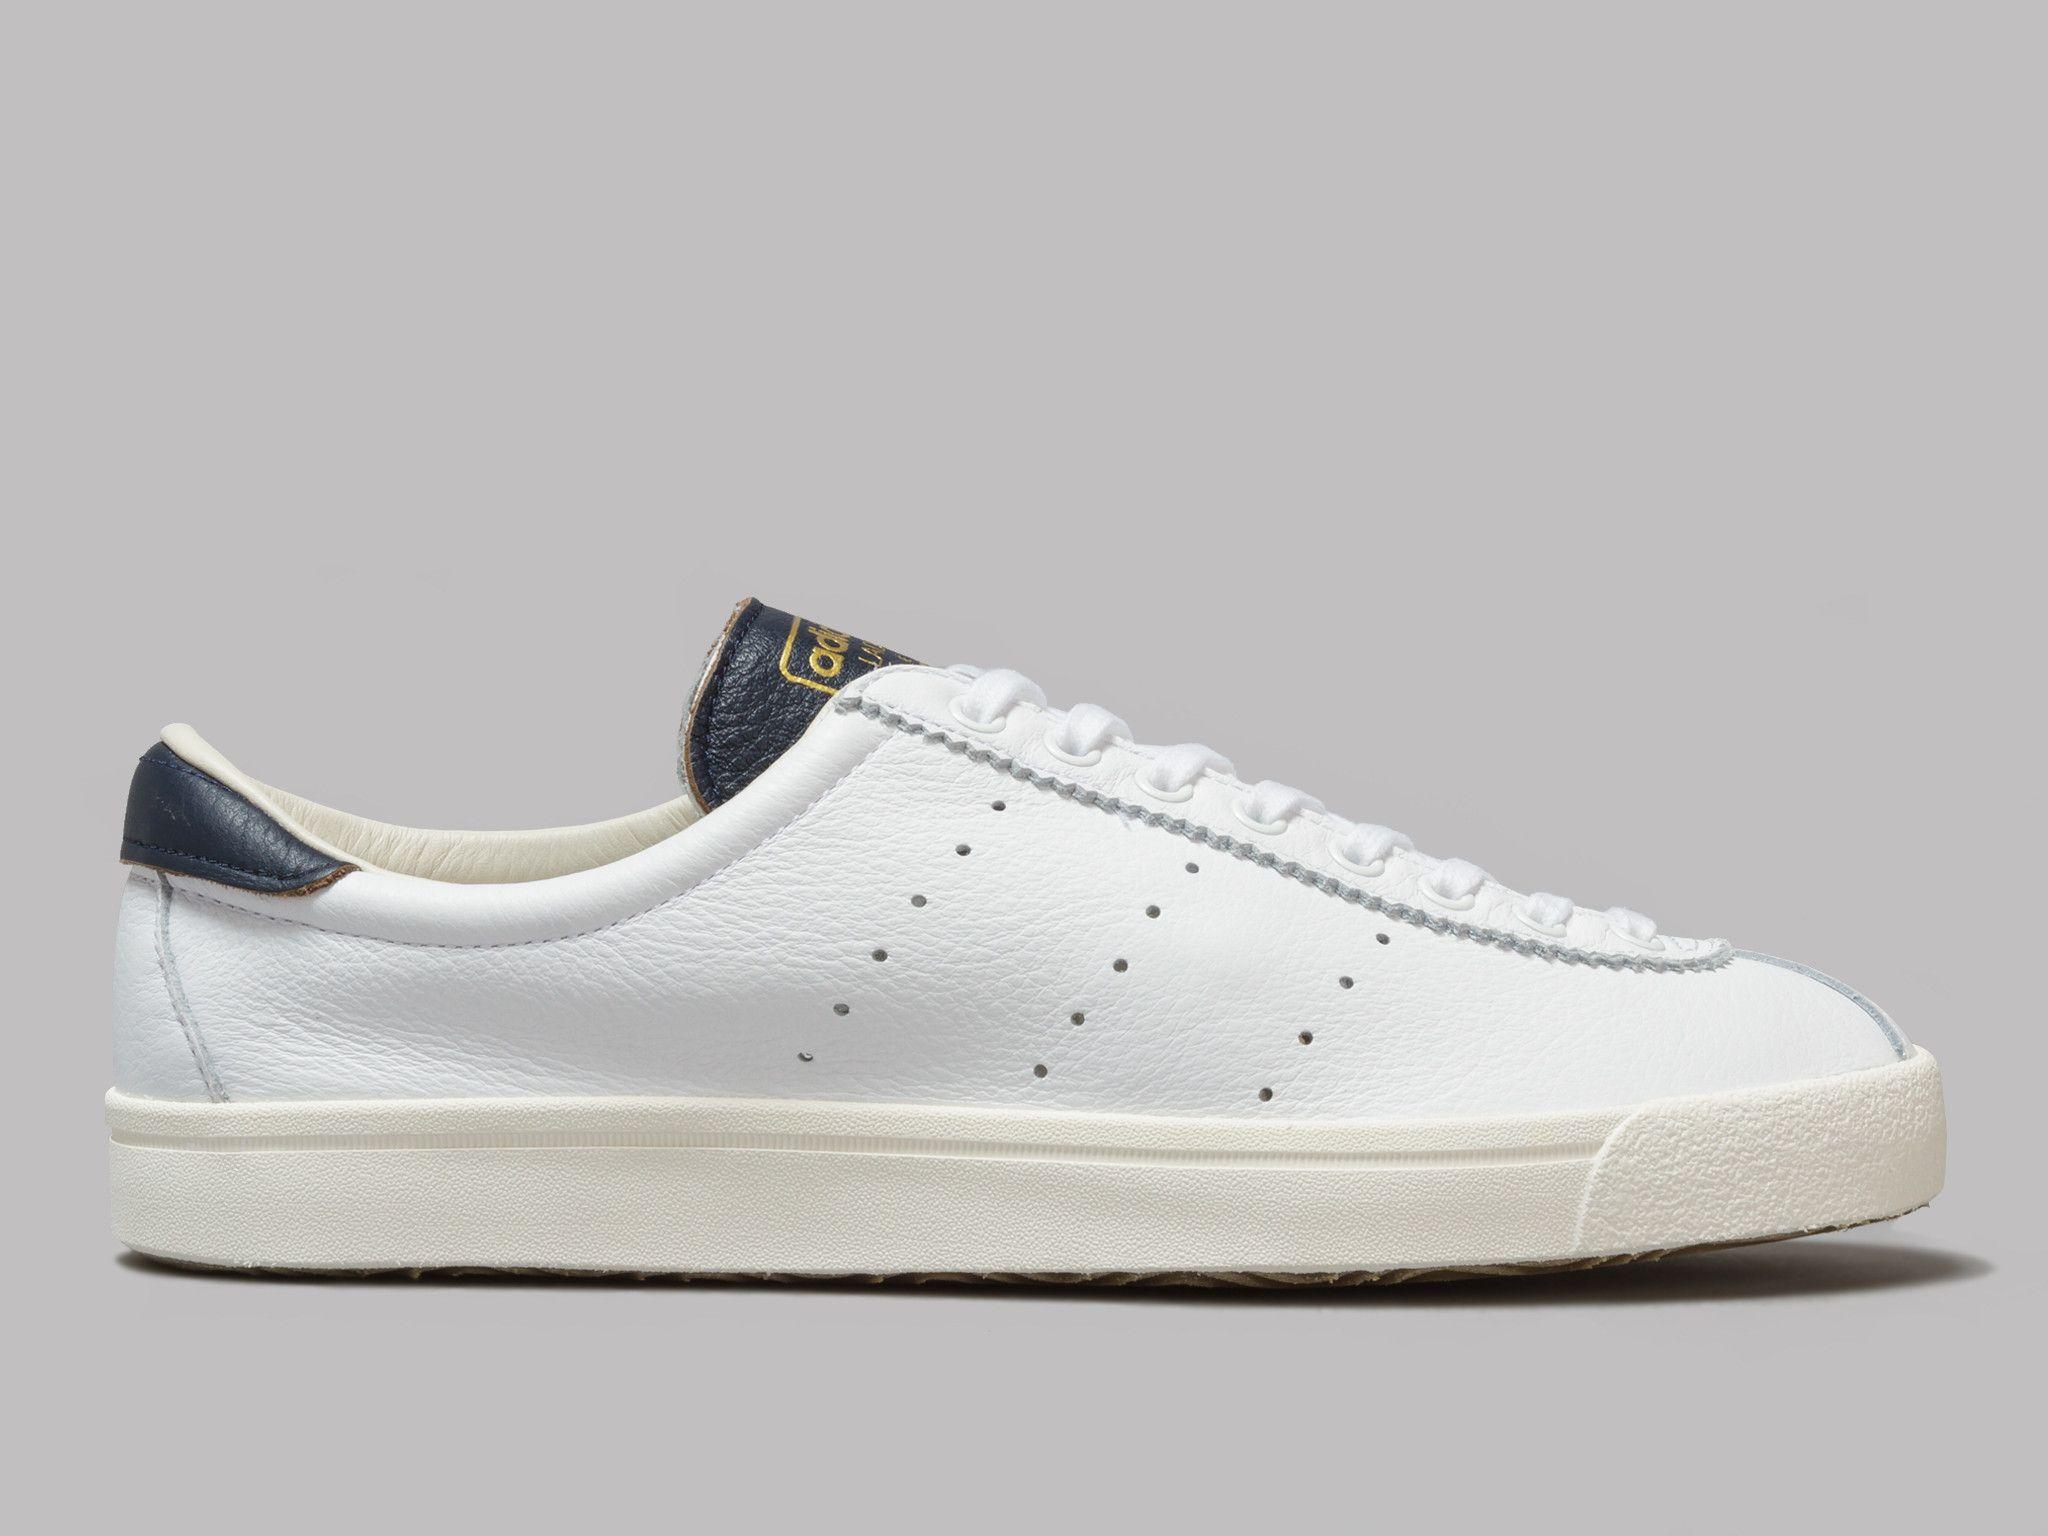 Adidas NMD Runner Vintage blanco y exuberante papas rojas sneakerdiscount